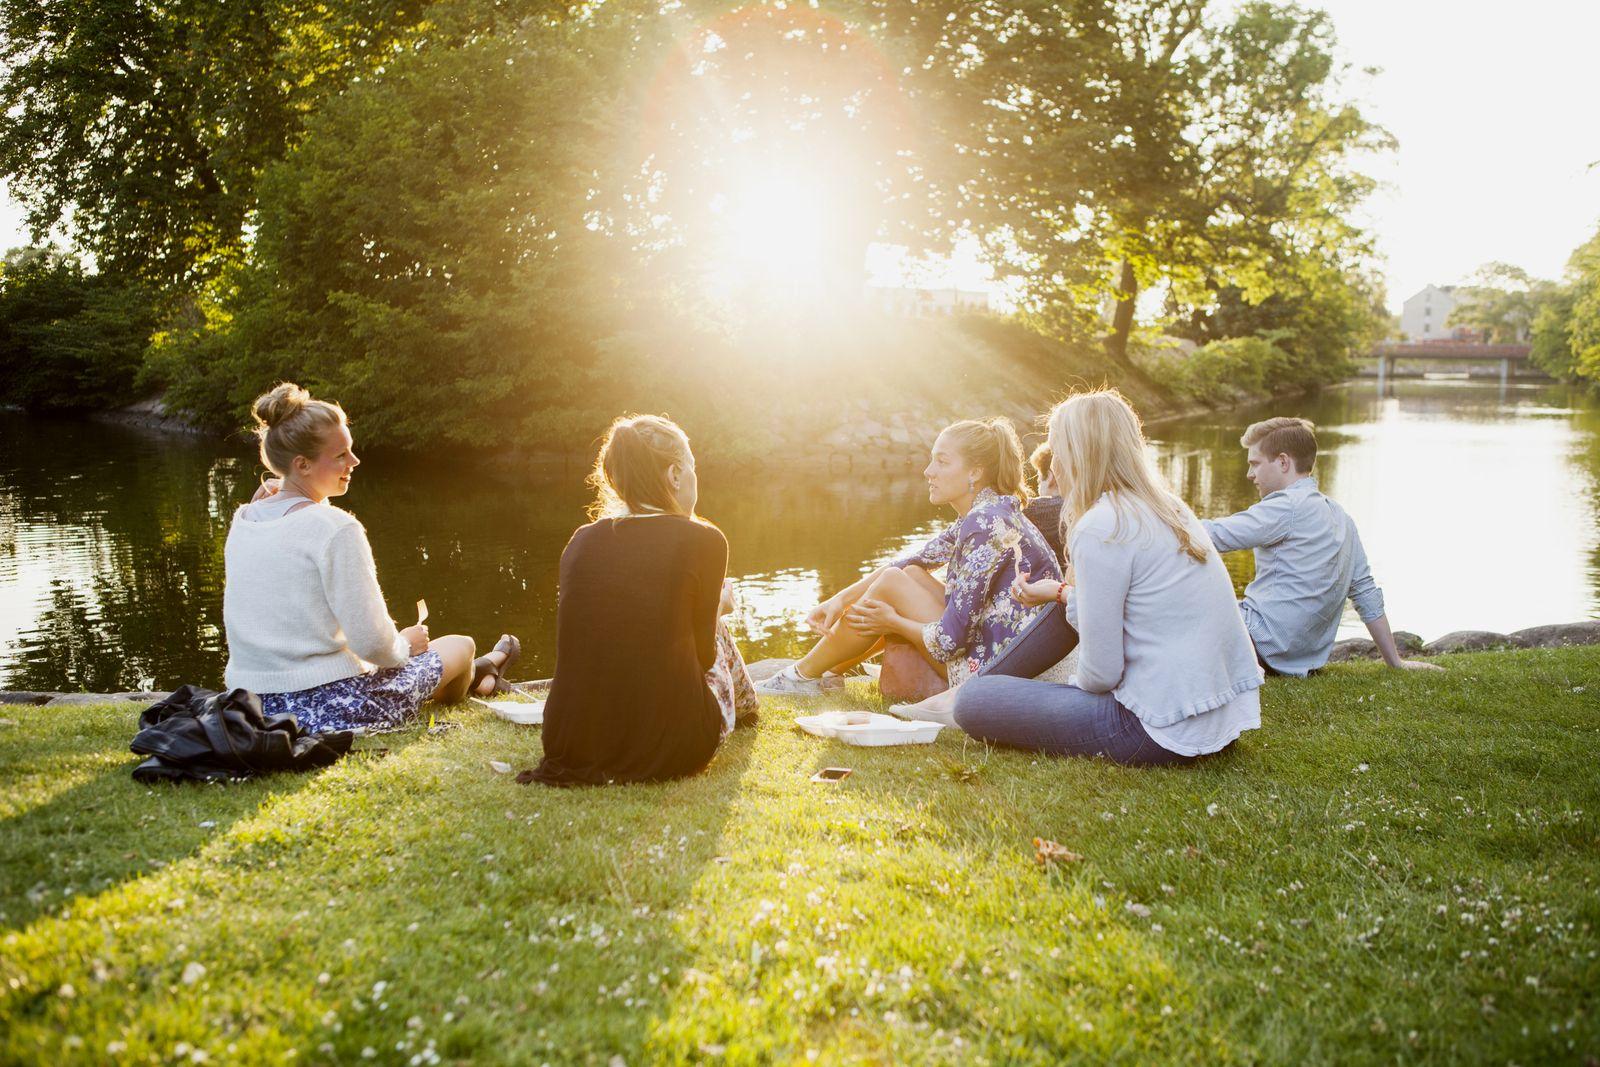 NICHT MEHR VERWENDEN! - EINMALIGE VERWENDUNG Park/ Jugendliche